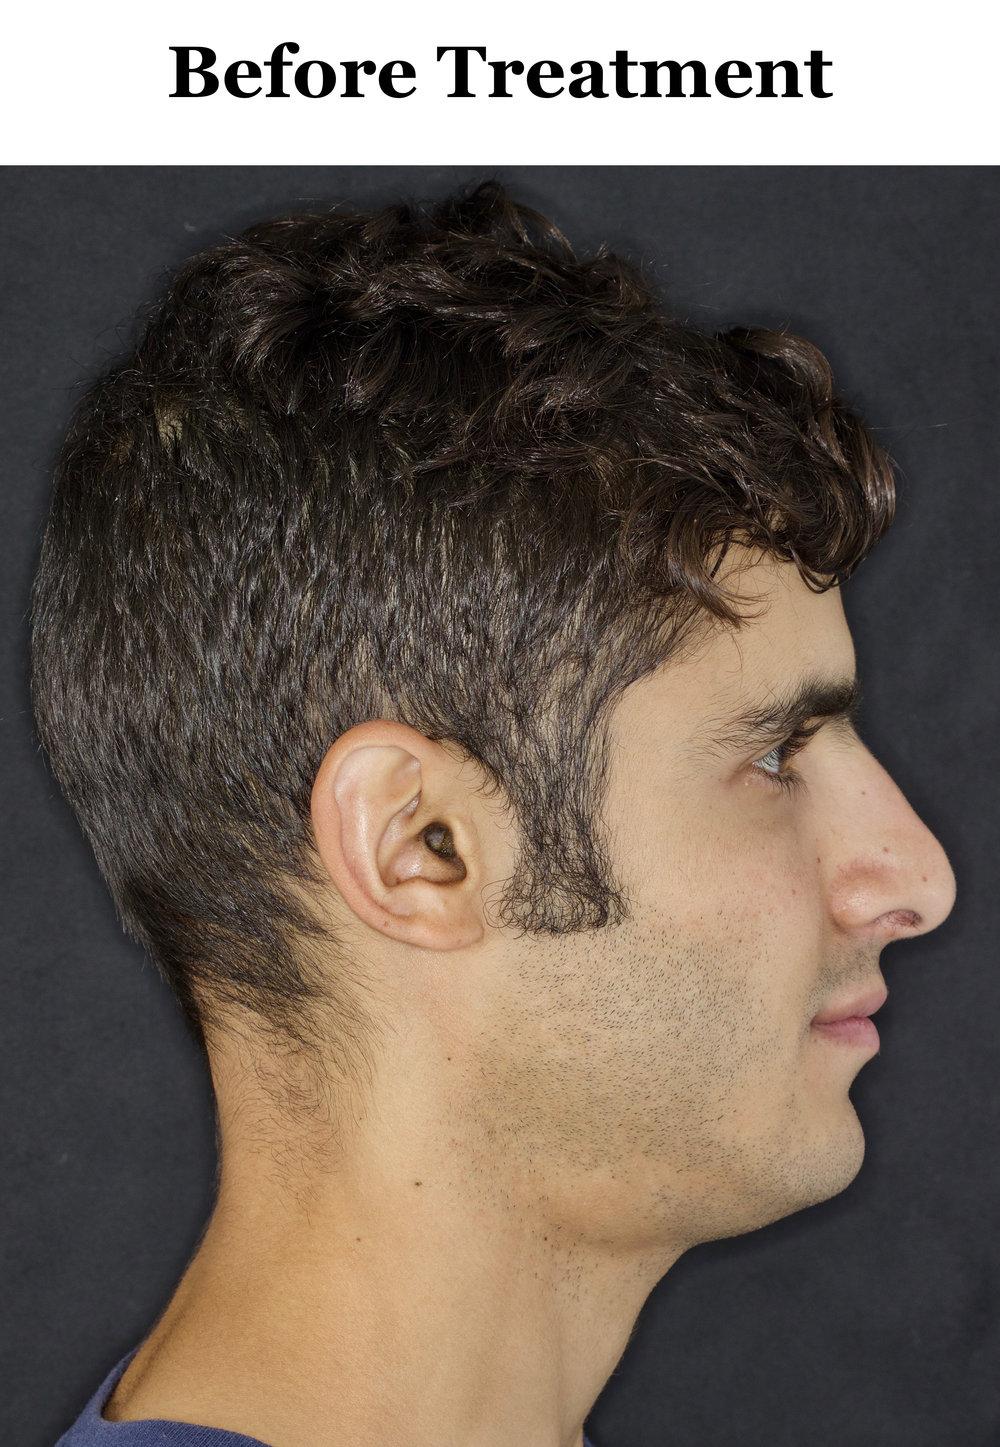 Before_Side Profile.jpg